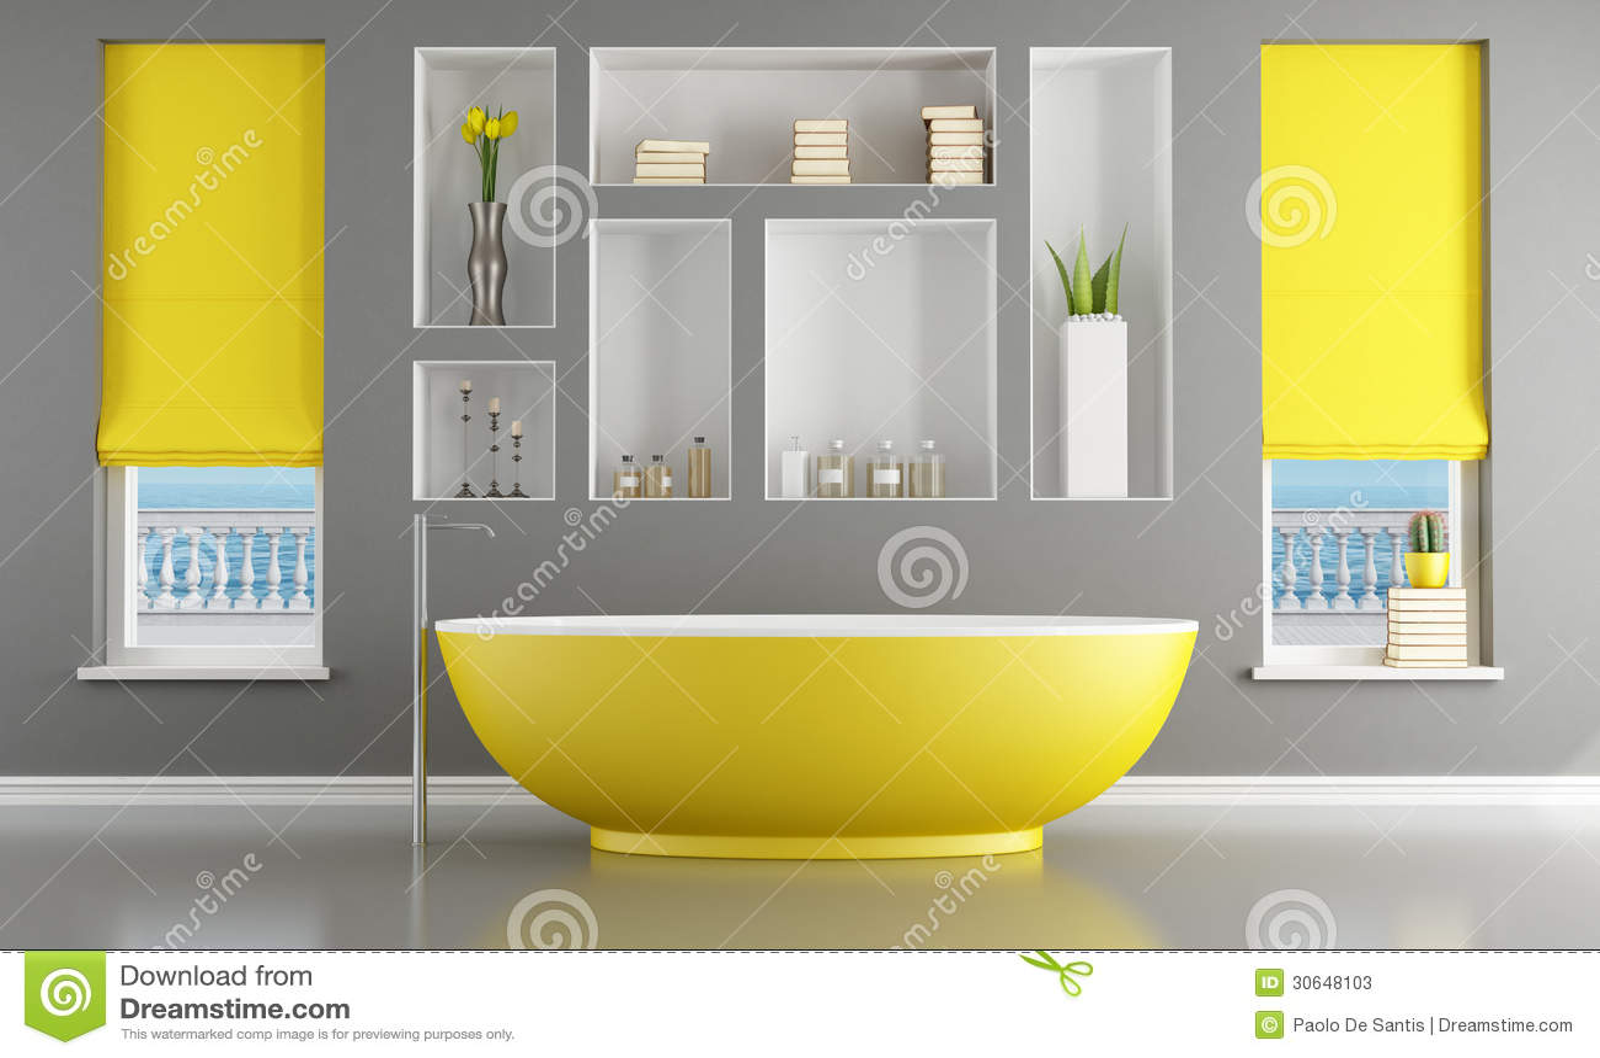 Eigentijdse badkamers met gele badkuip stock illustratie afbeelding 30648103 - Eigentijdse badkuip ...